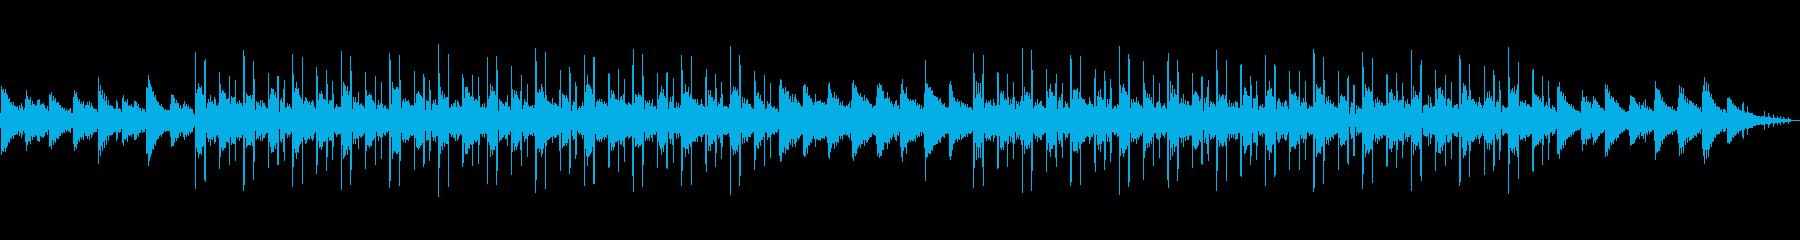 シンプルなLo-fiHipHop 雨音の再生済みの波形